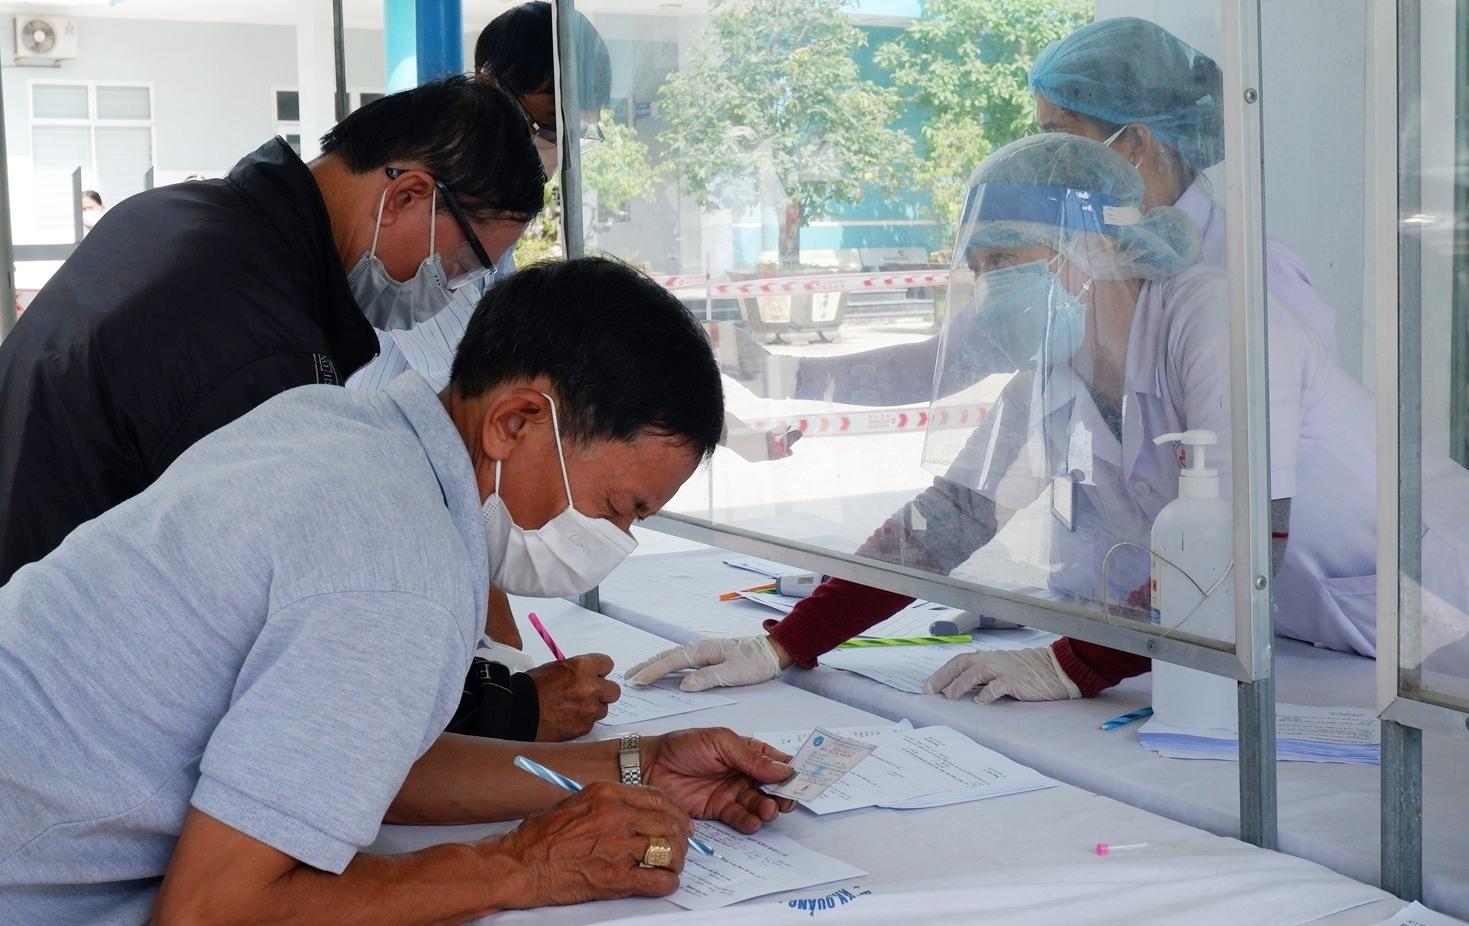 Người dân phải thực hiện khai báo y tế ngay chốt chặn ở cổng bệnh viện.